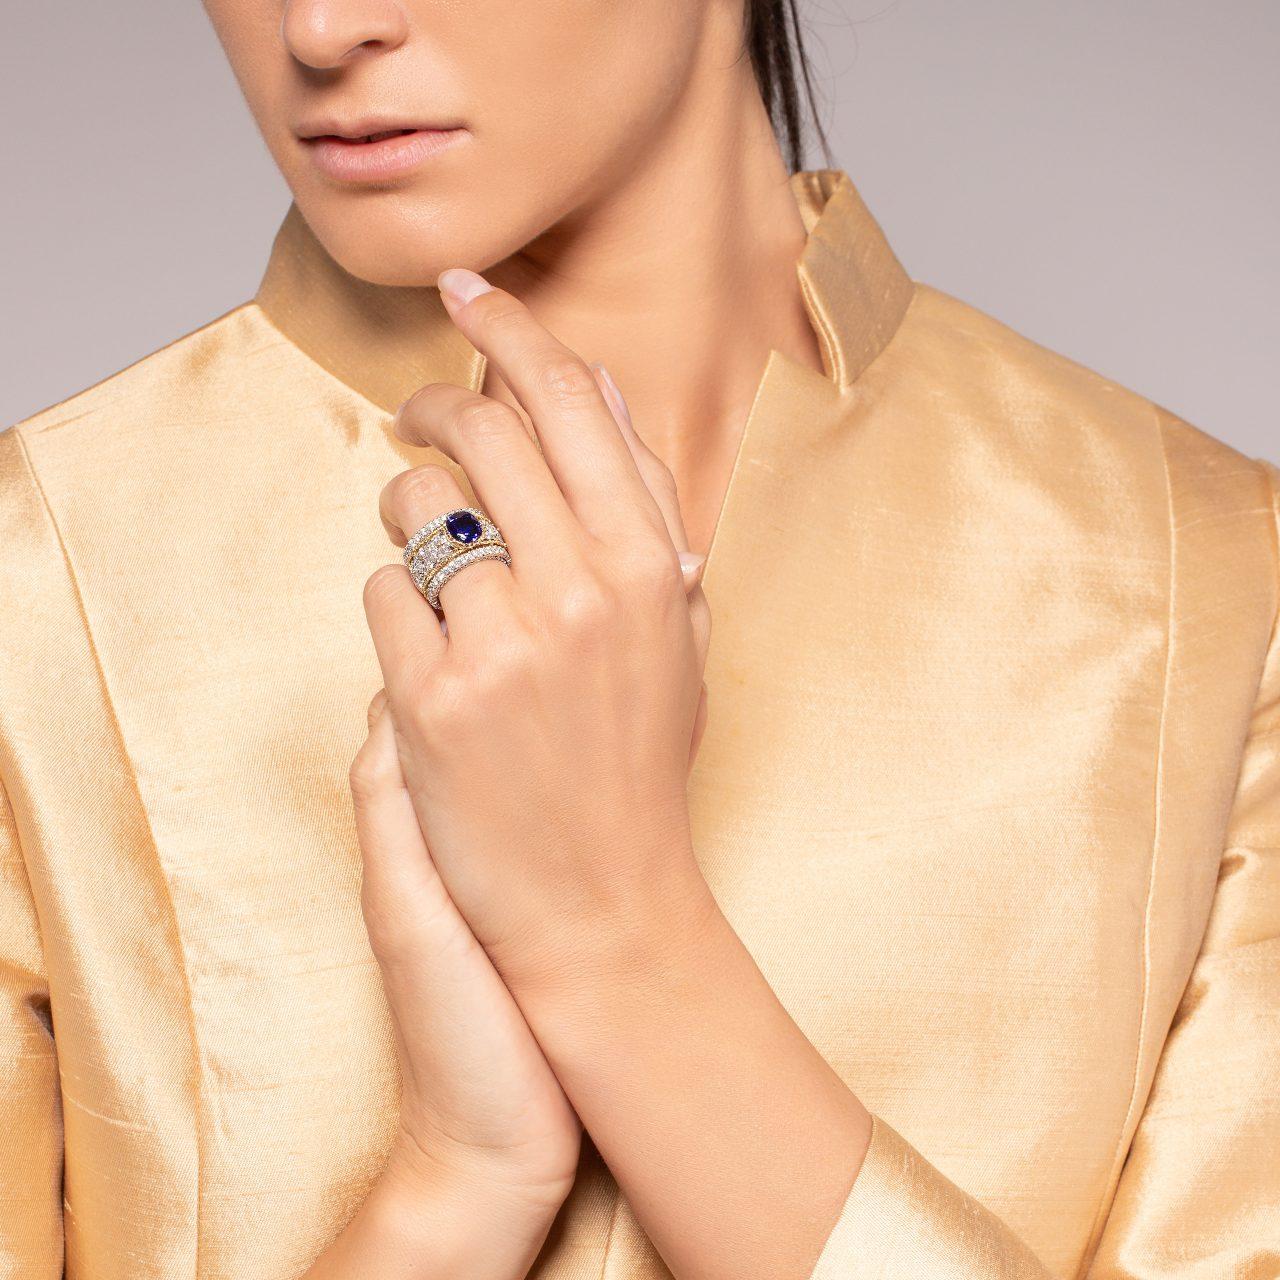 Anello di Buccellati in oro bianco e giallo 18k con Zaffiro e Diamanti indossato